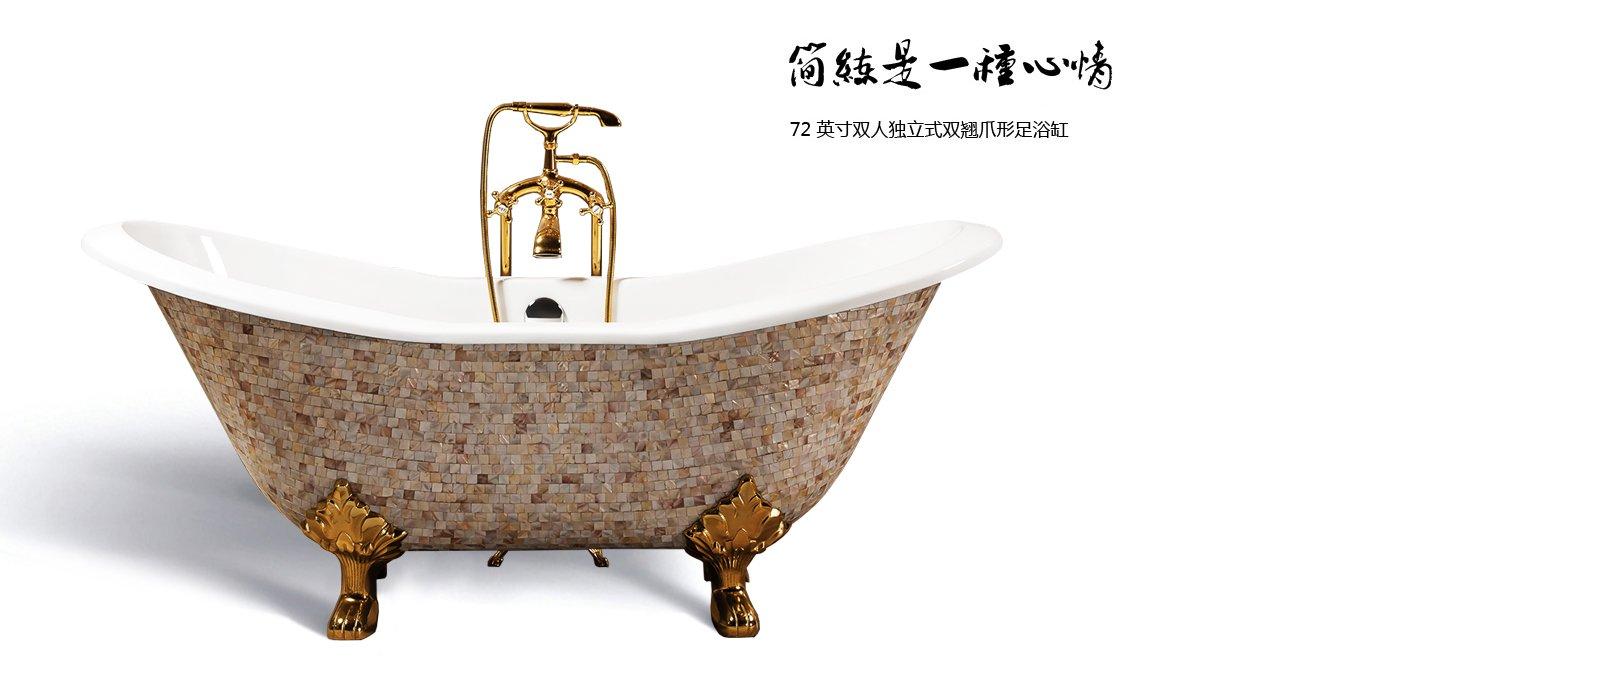 01 中文